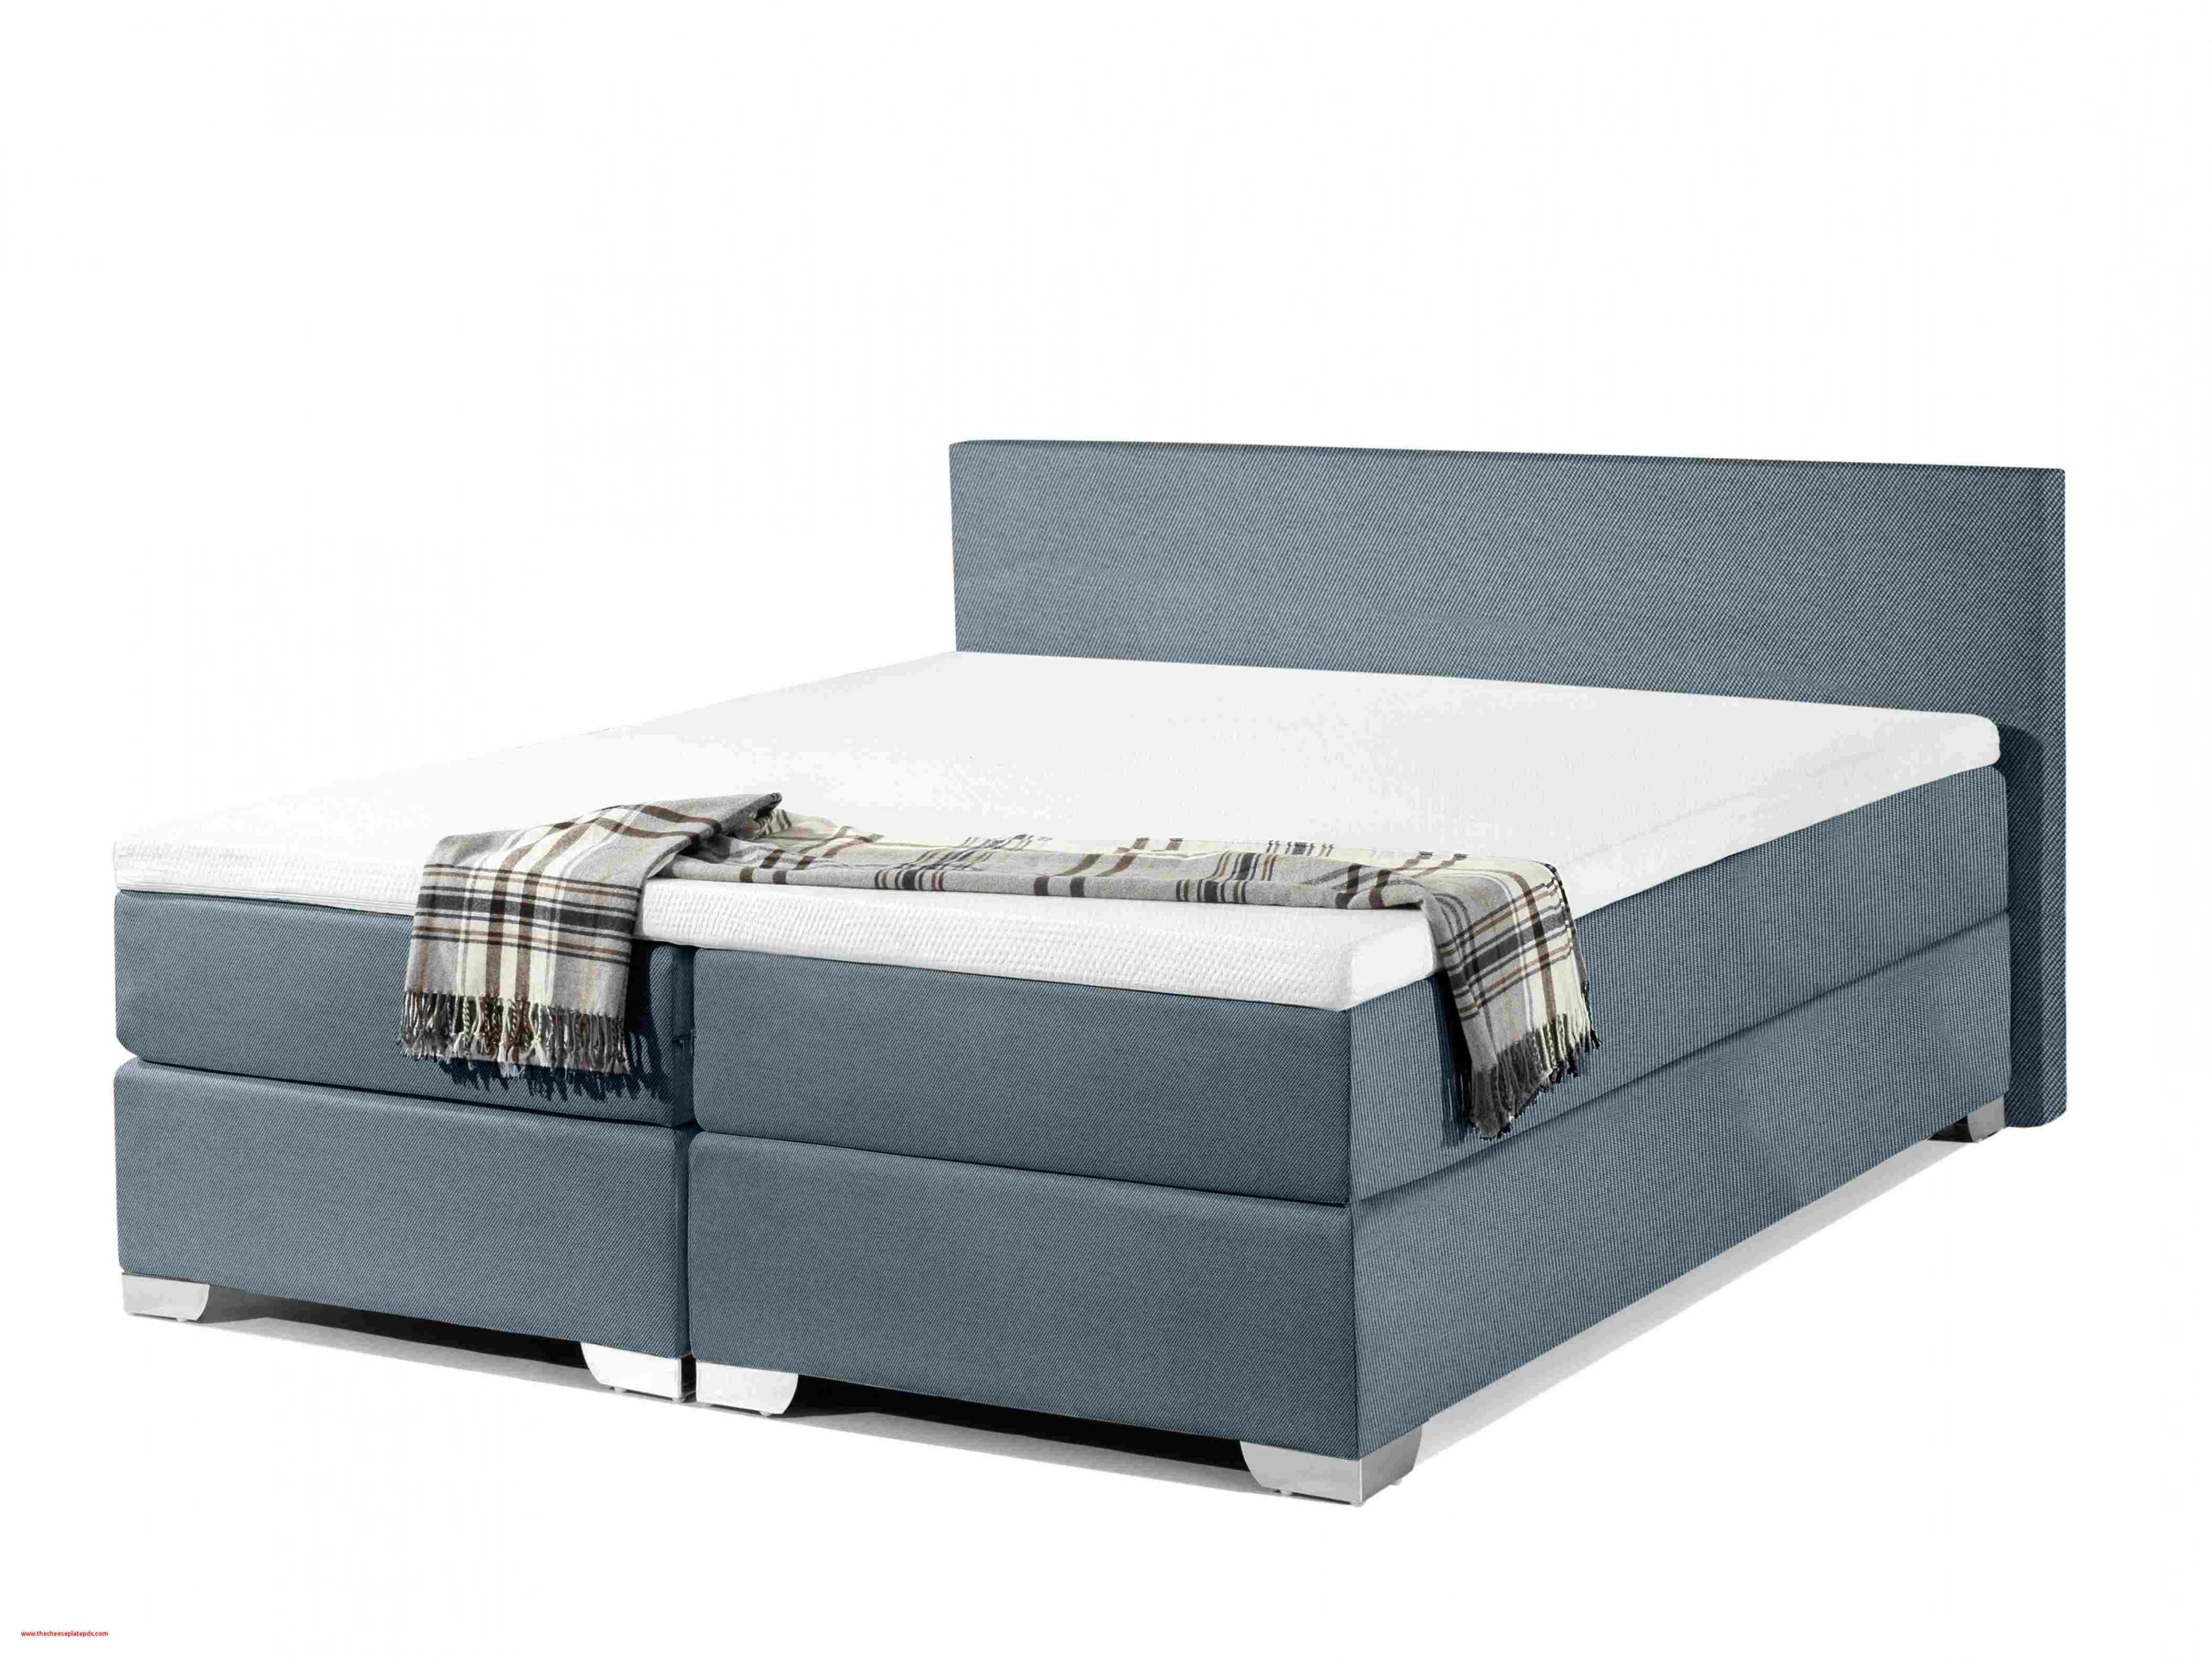 Maintain Bett Mit Matratze Und Lattenrost 90X200 Despite von Bett Mit Matratze Und Lattenrost 90X200 Bild